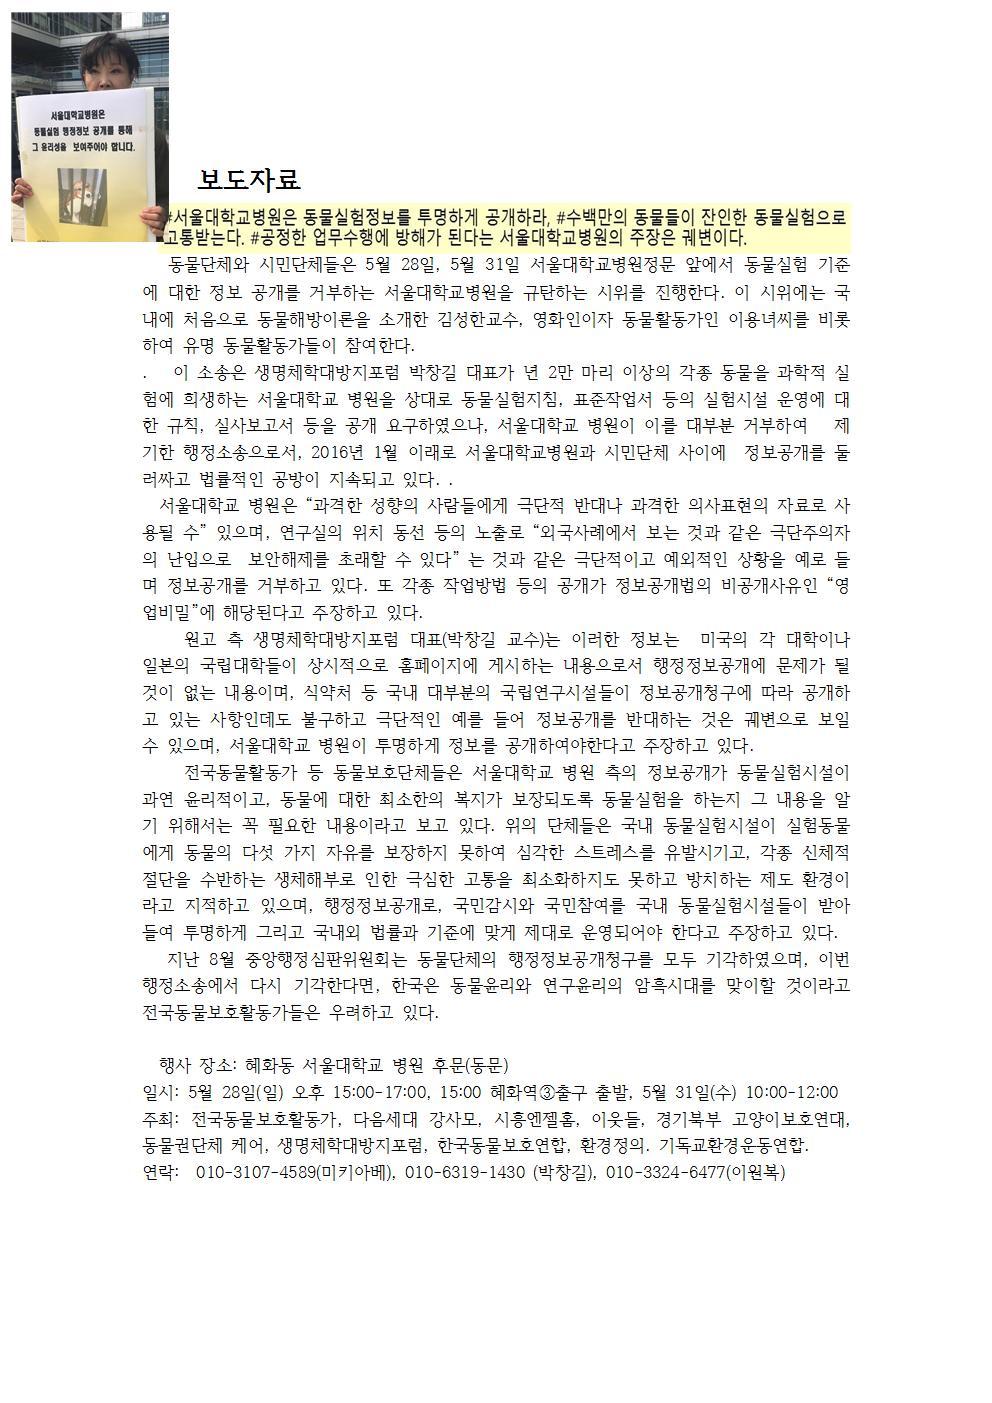 OOOO170525_2017__행정소송_보도자료02001.jpg